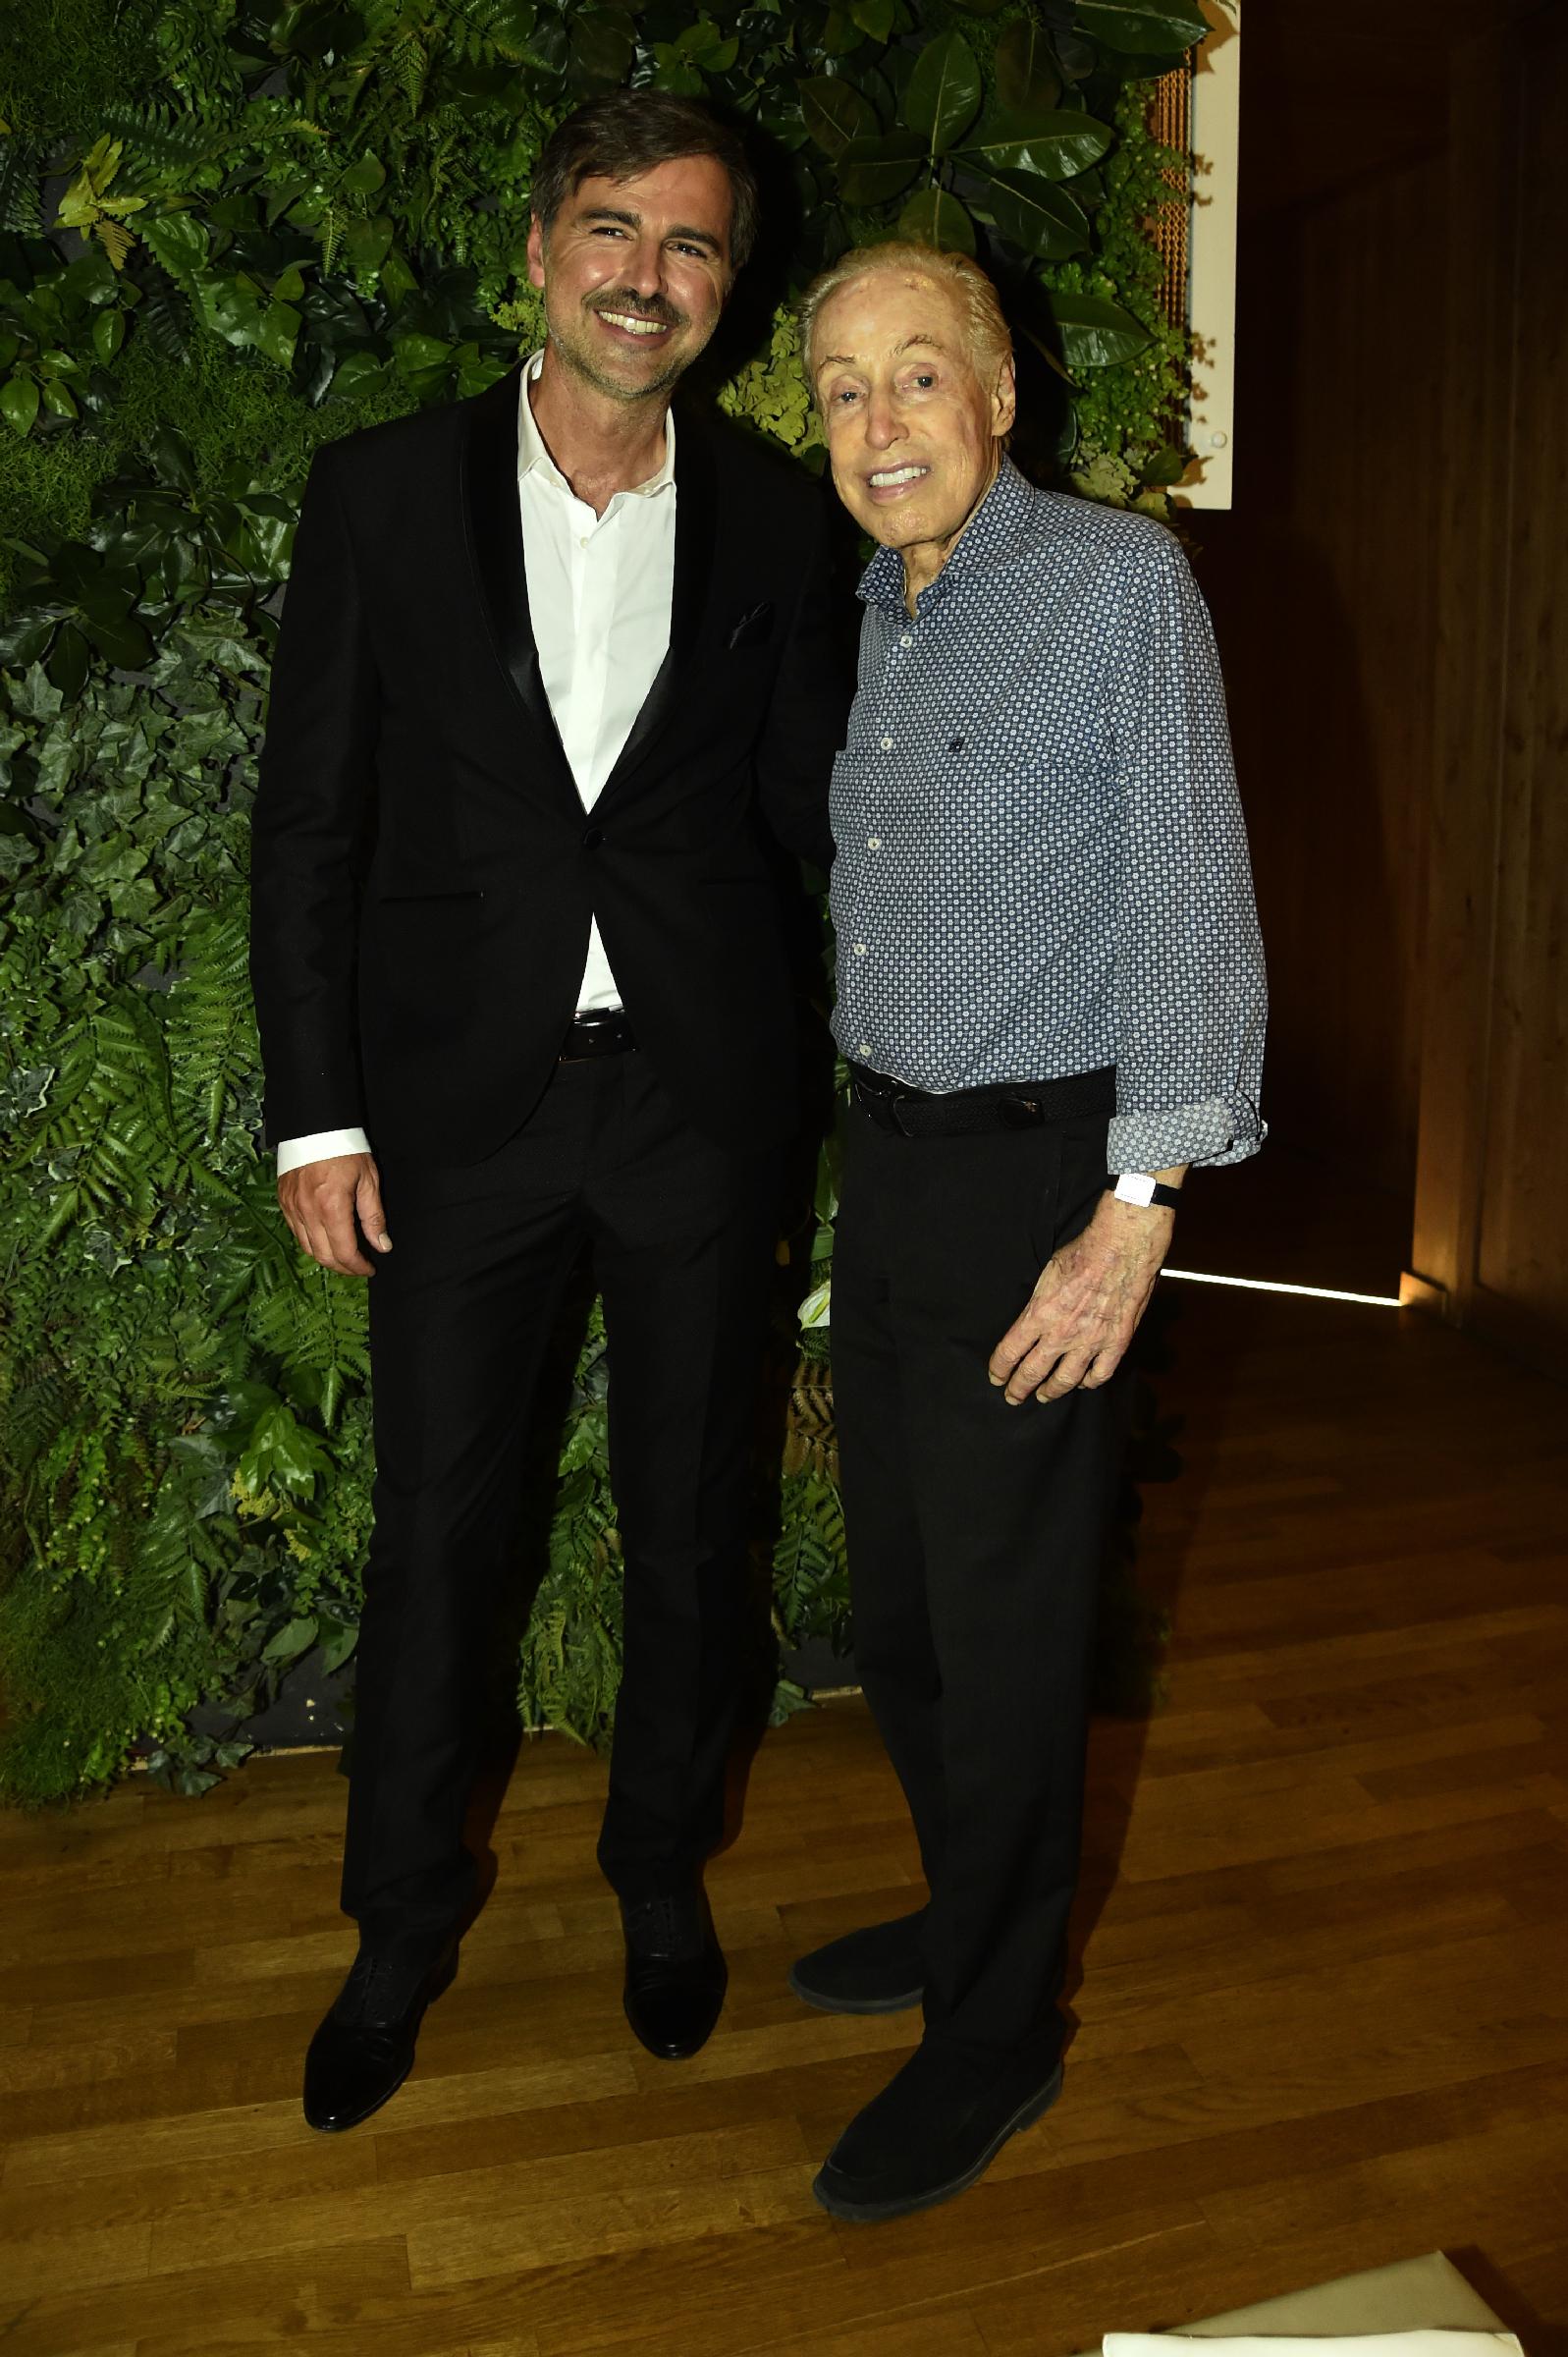 Beppe Convertini e Renato balestra